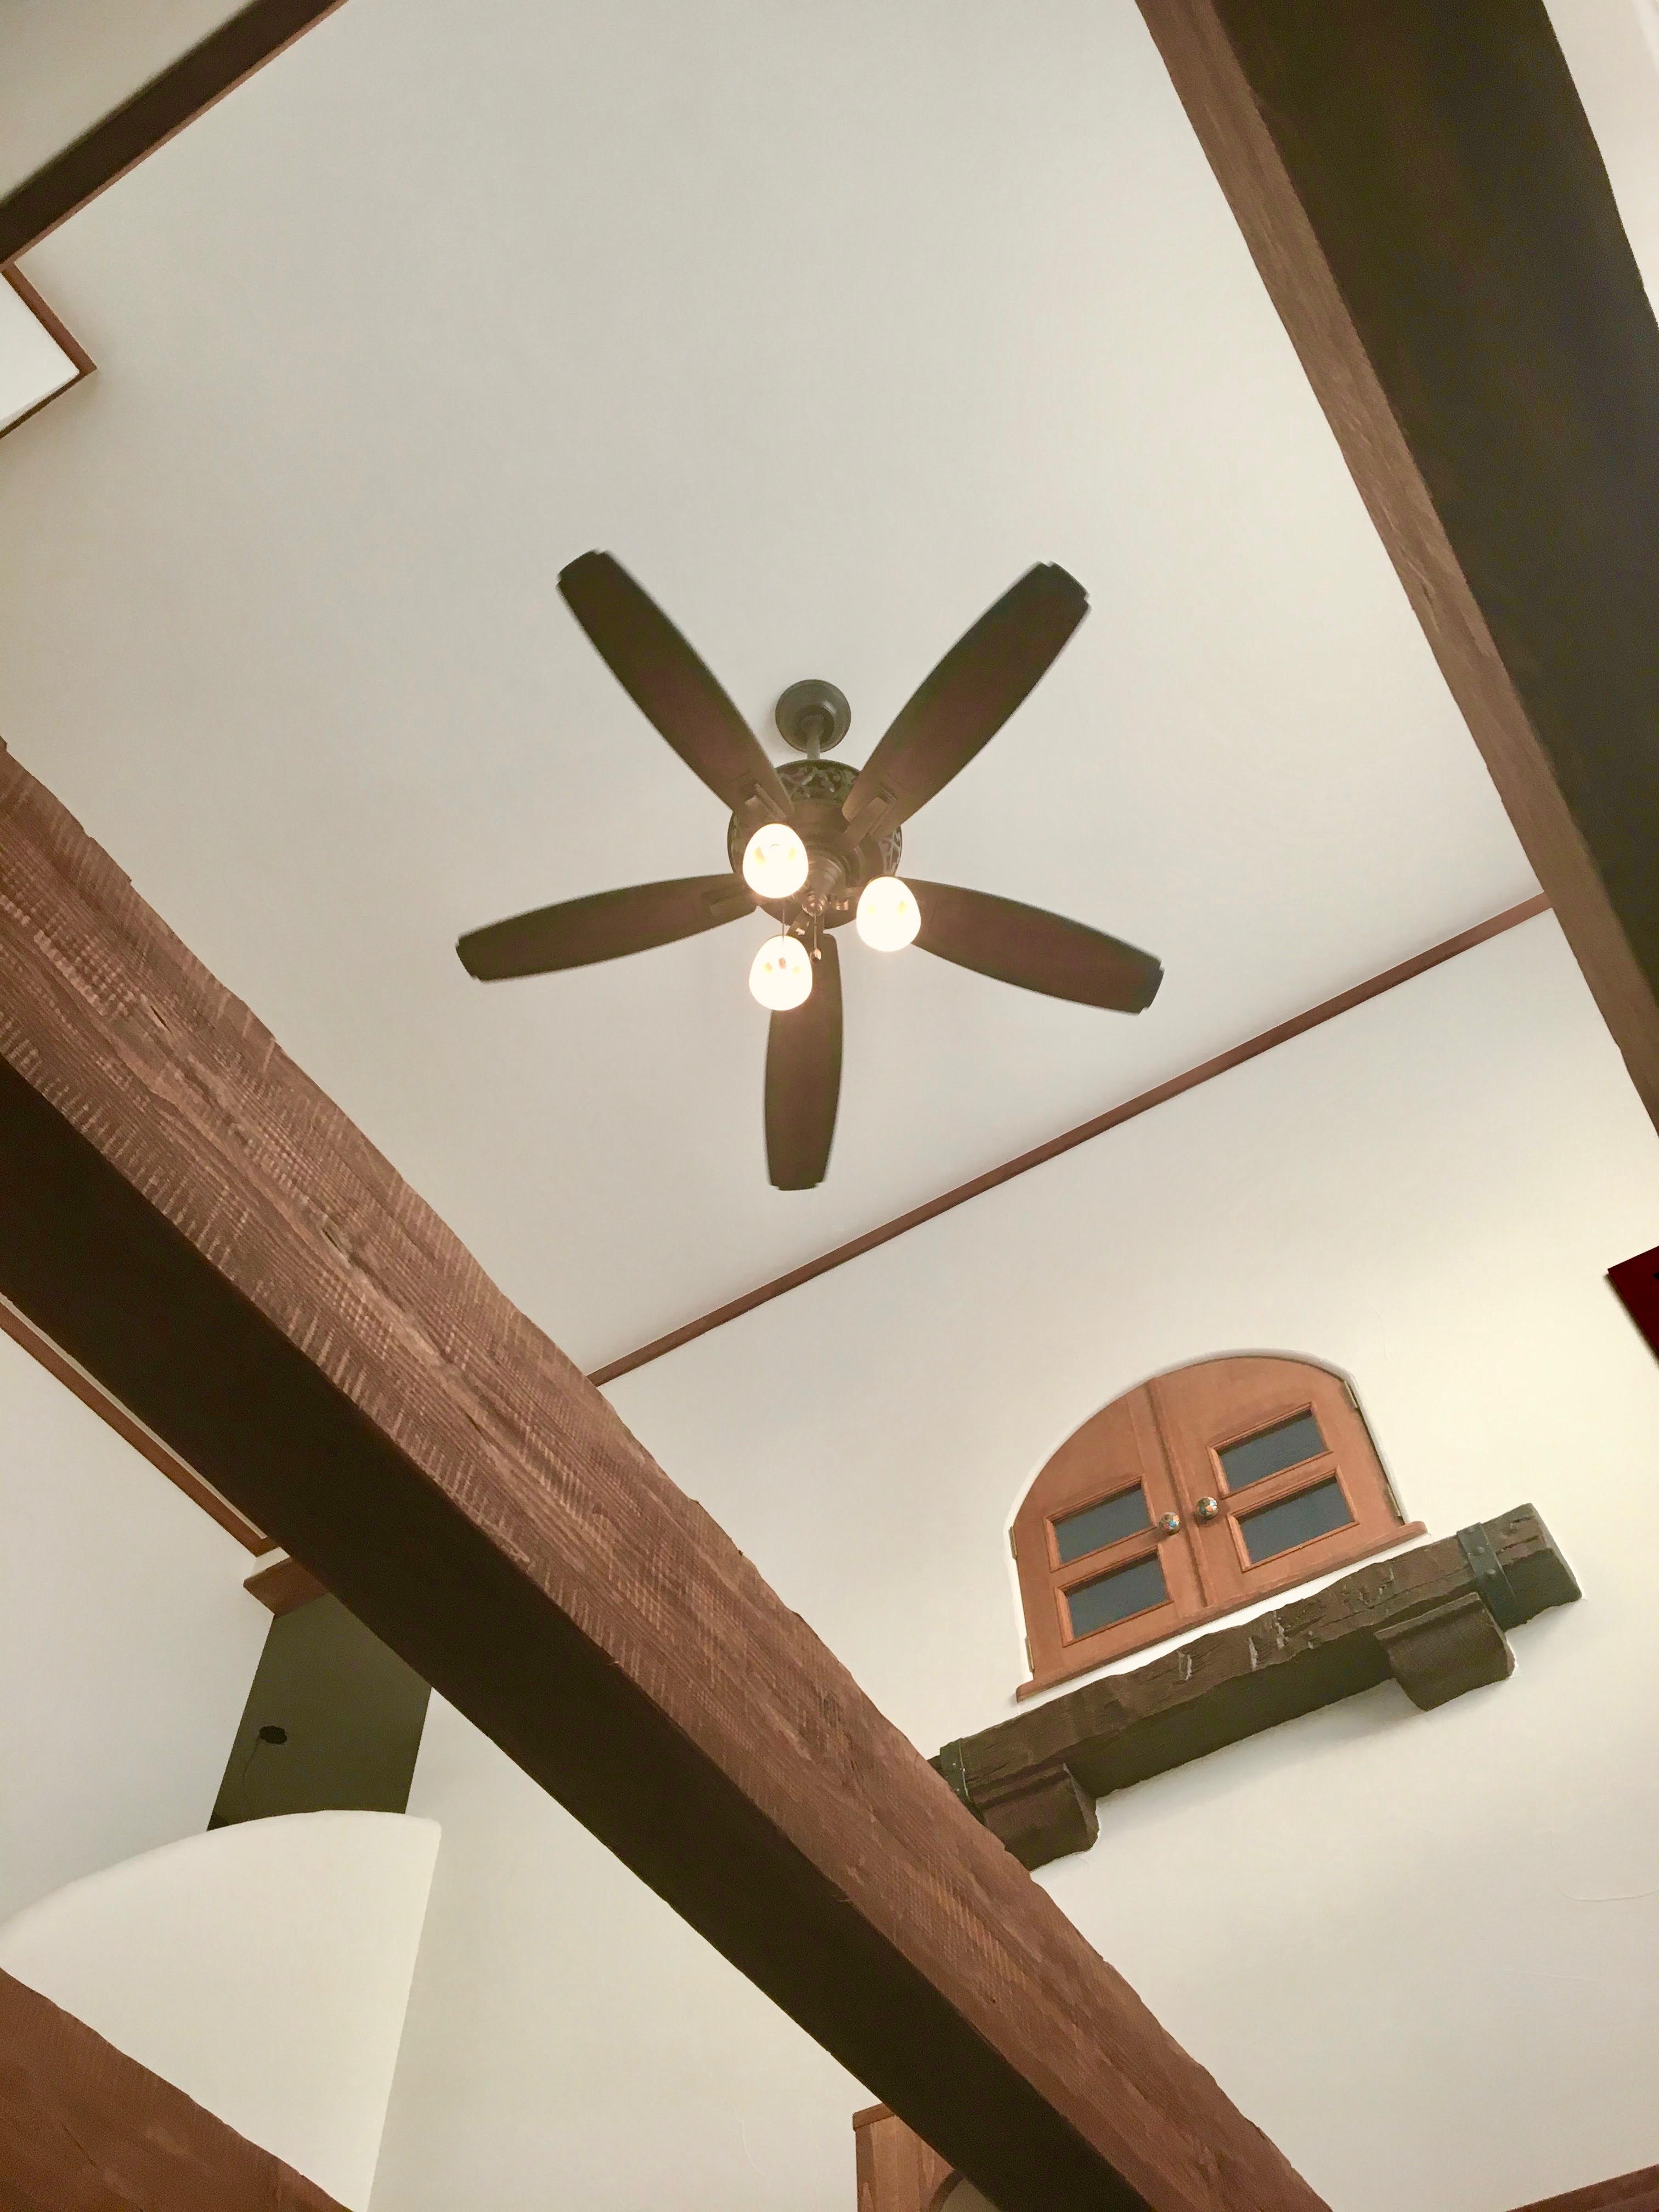 ハンター シーリングファン ウィロークレスト ダウンロッド24インチ(31cm) ハンターストア・シーリングファンショップ